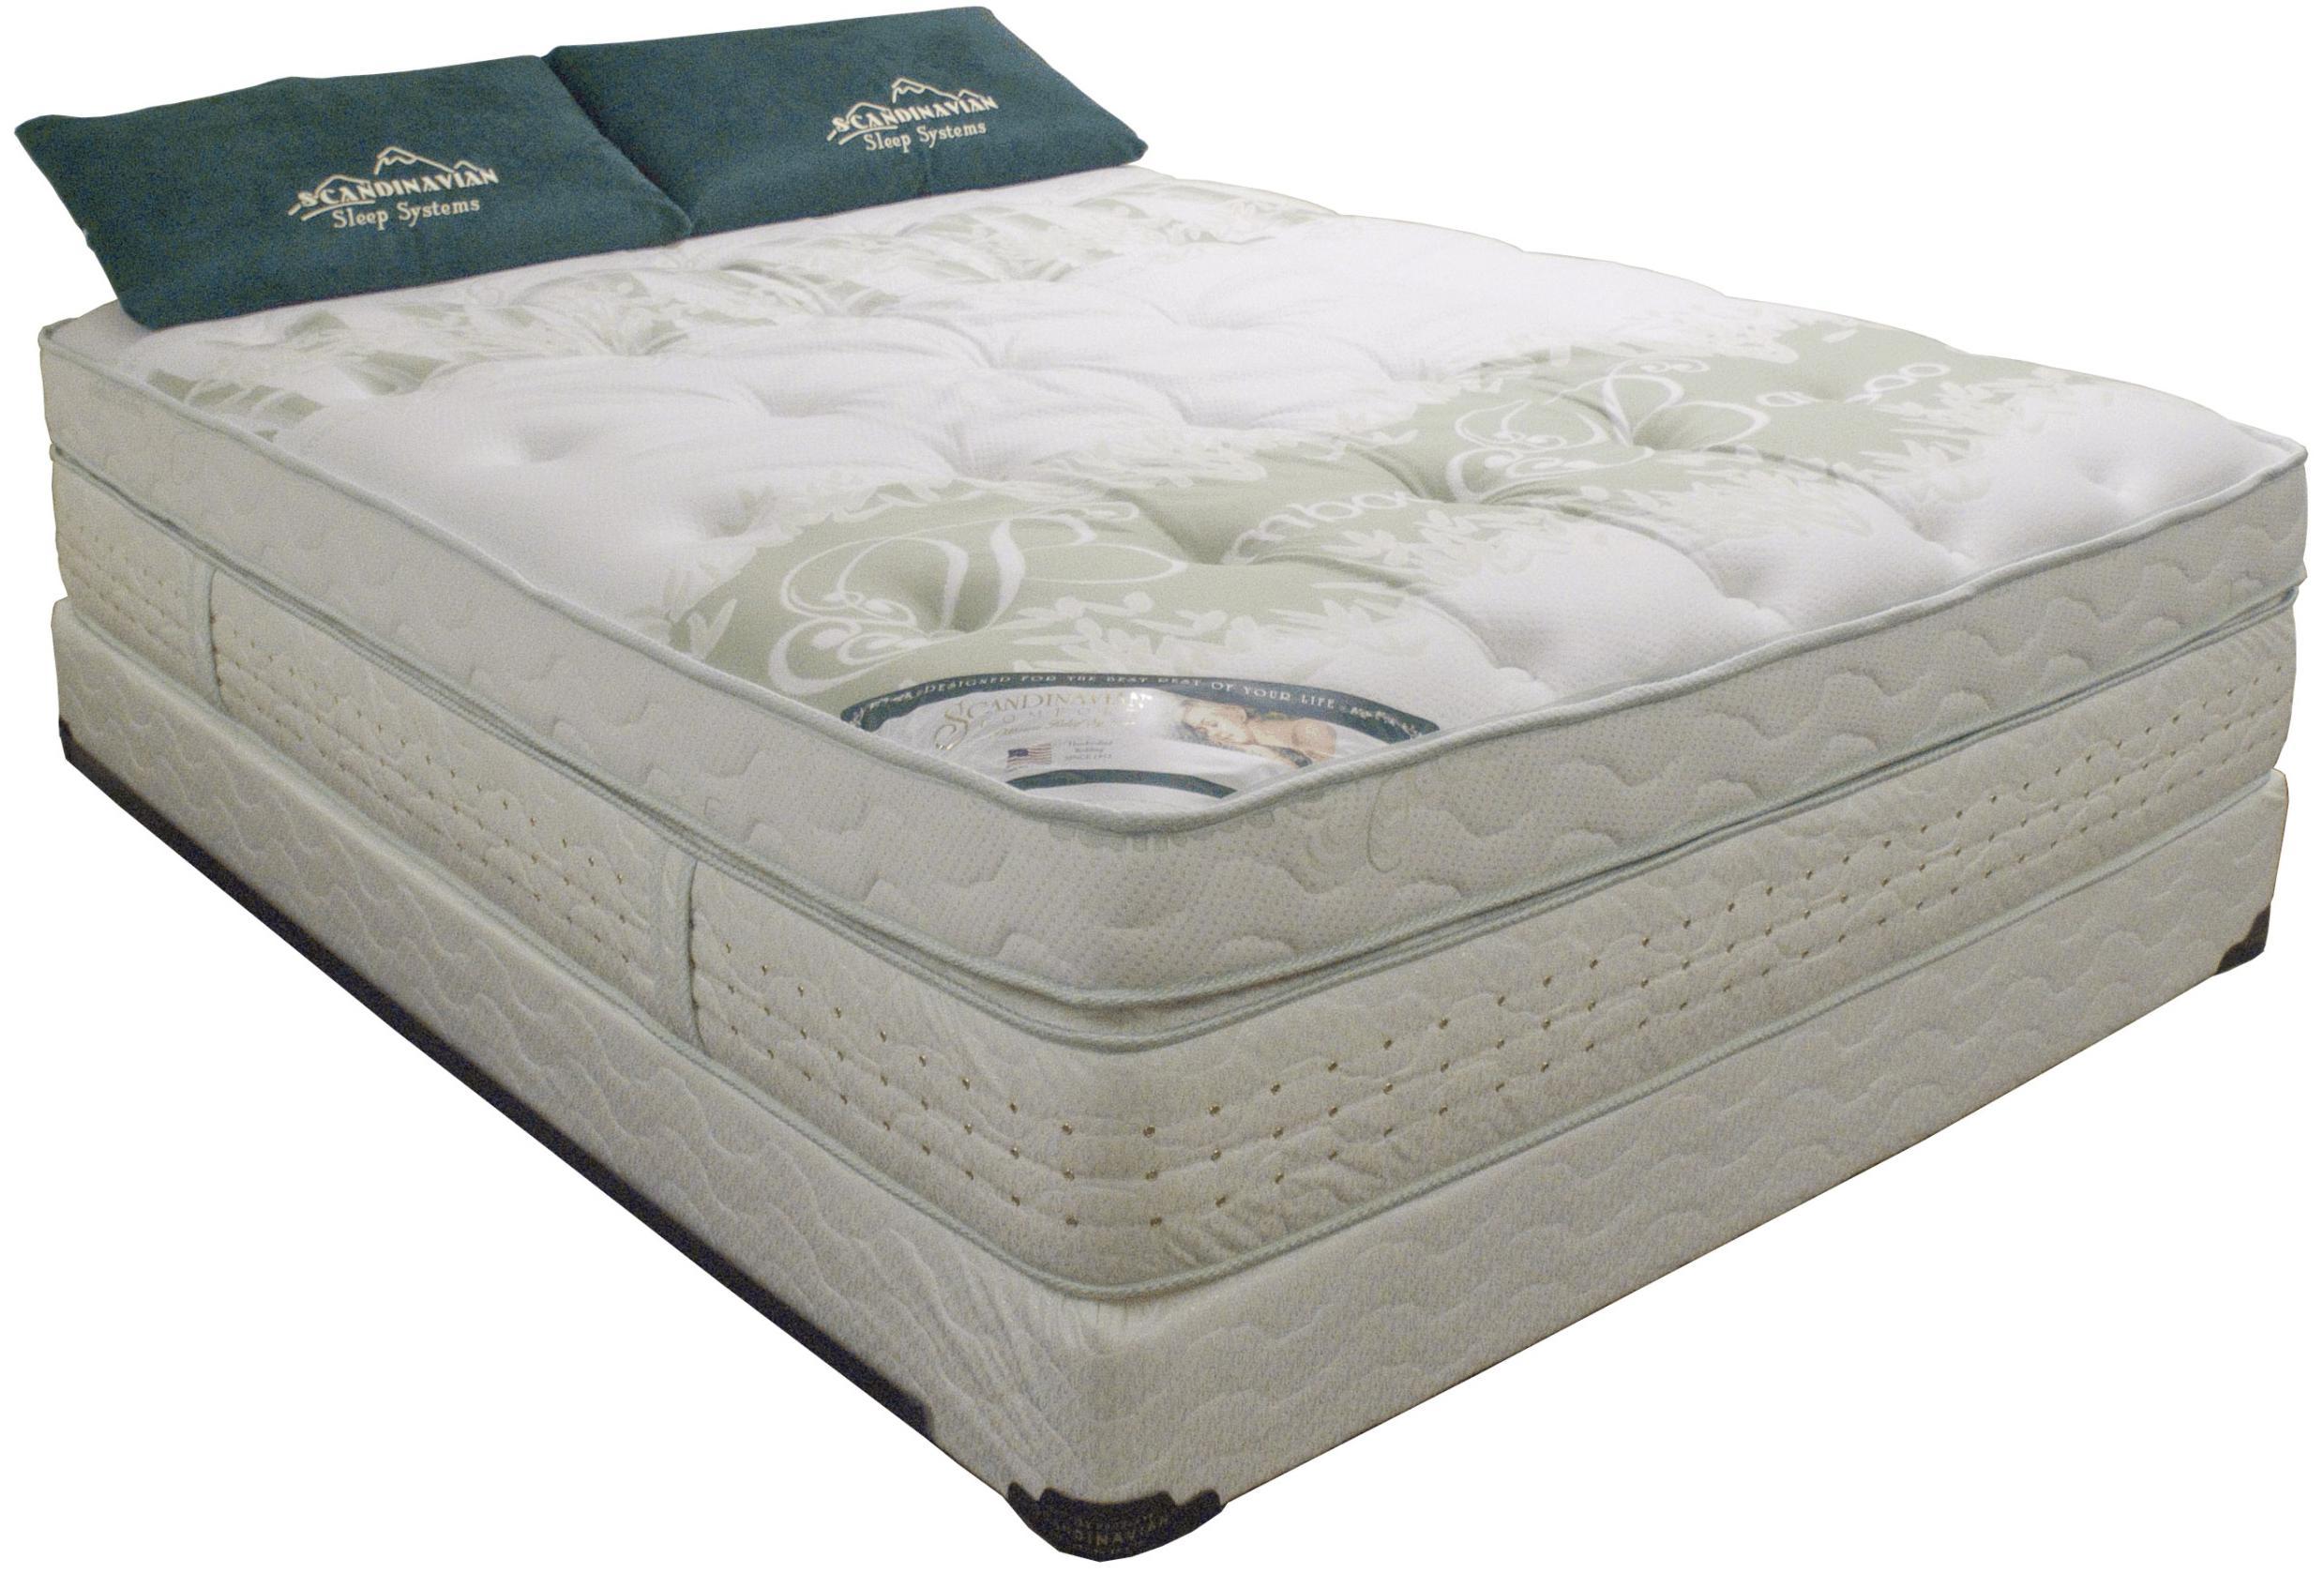 60th Anniversary Queen Foam Mattress Set by Scandinavian Bedding at Lagniappe Home Store